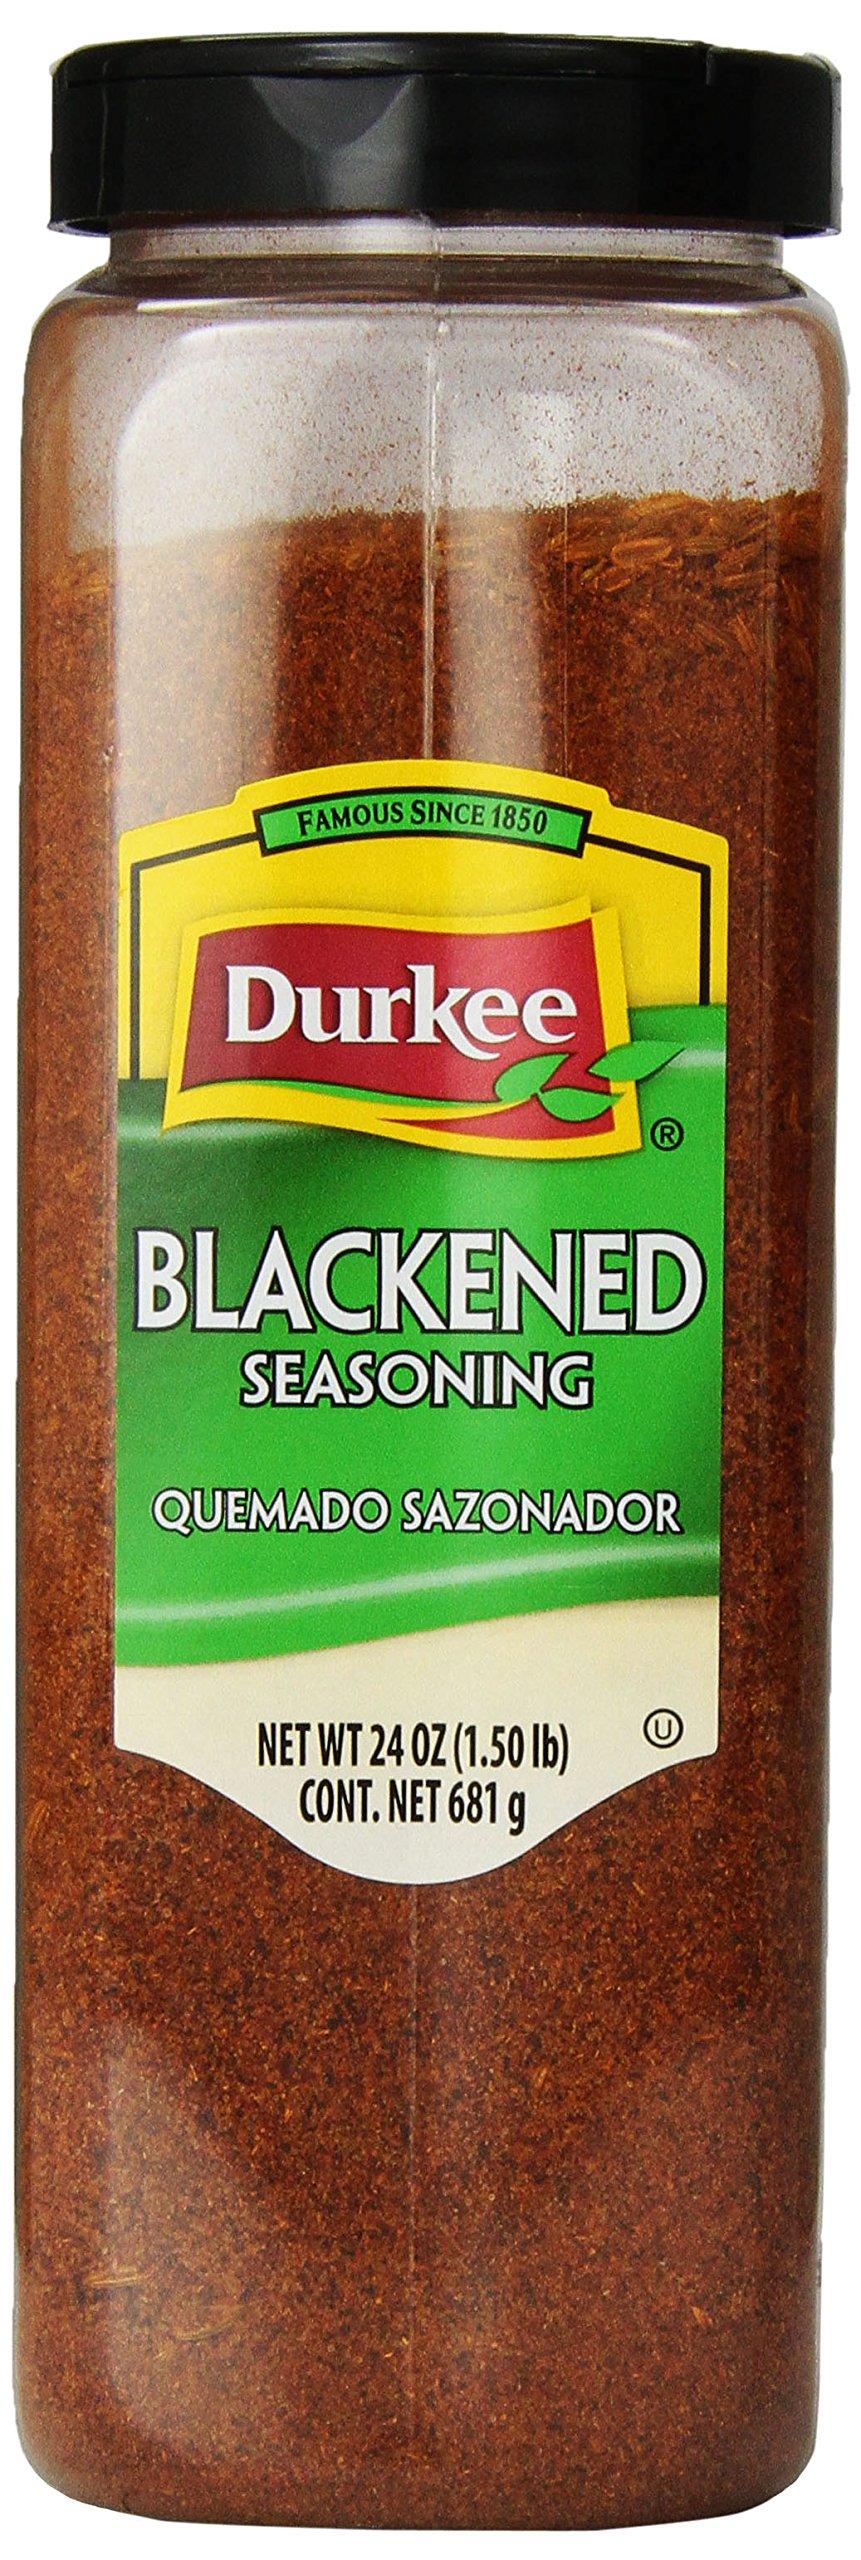 Durkee Blackened Seasoning, 24-Ounce